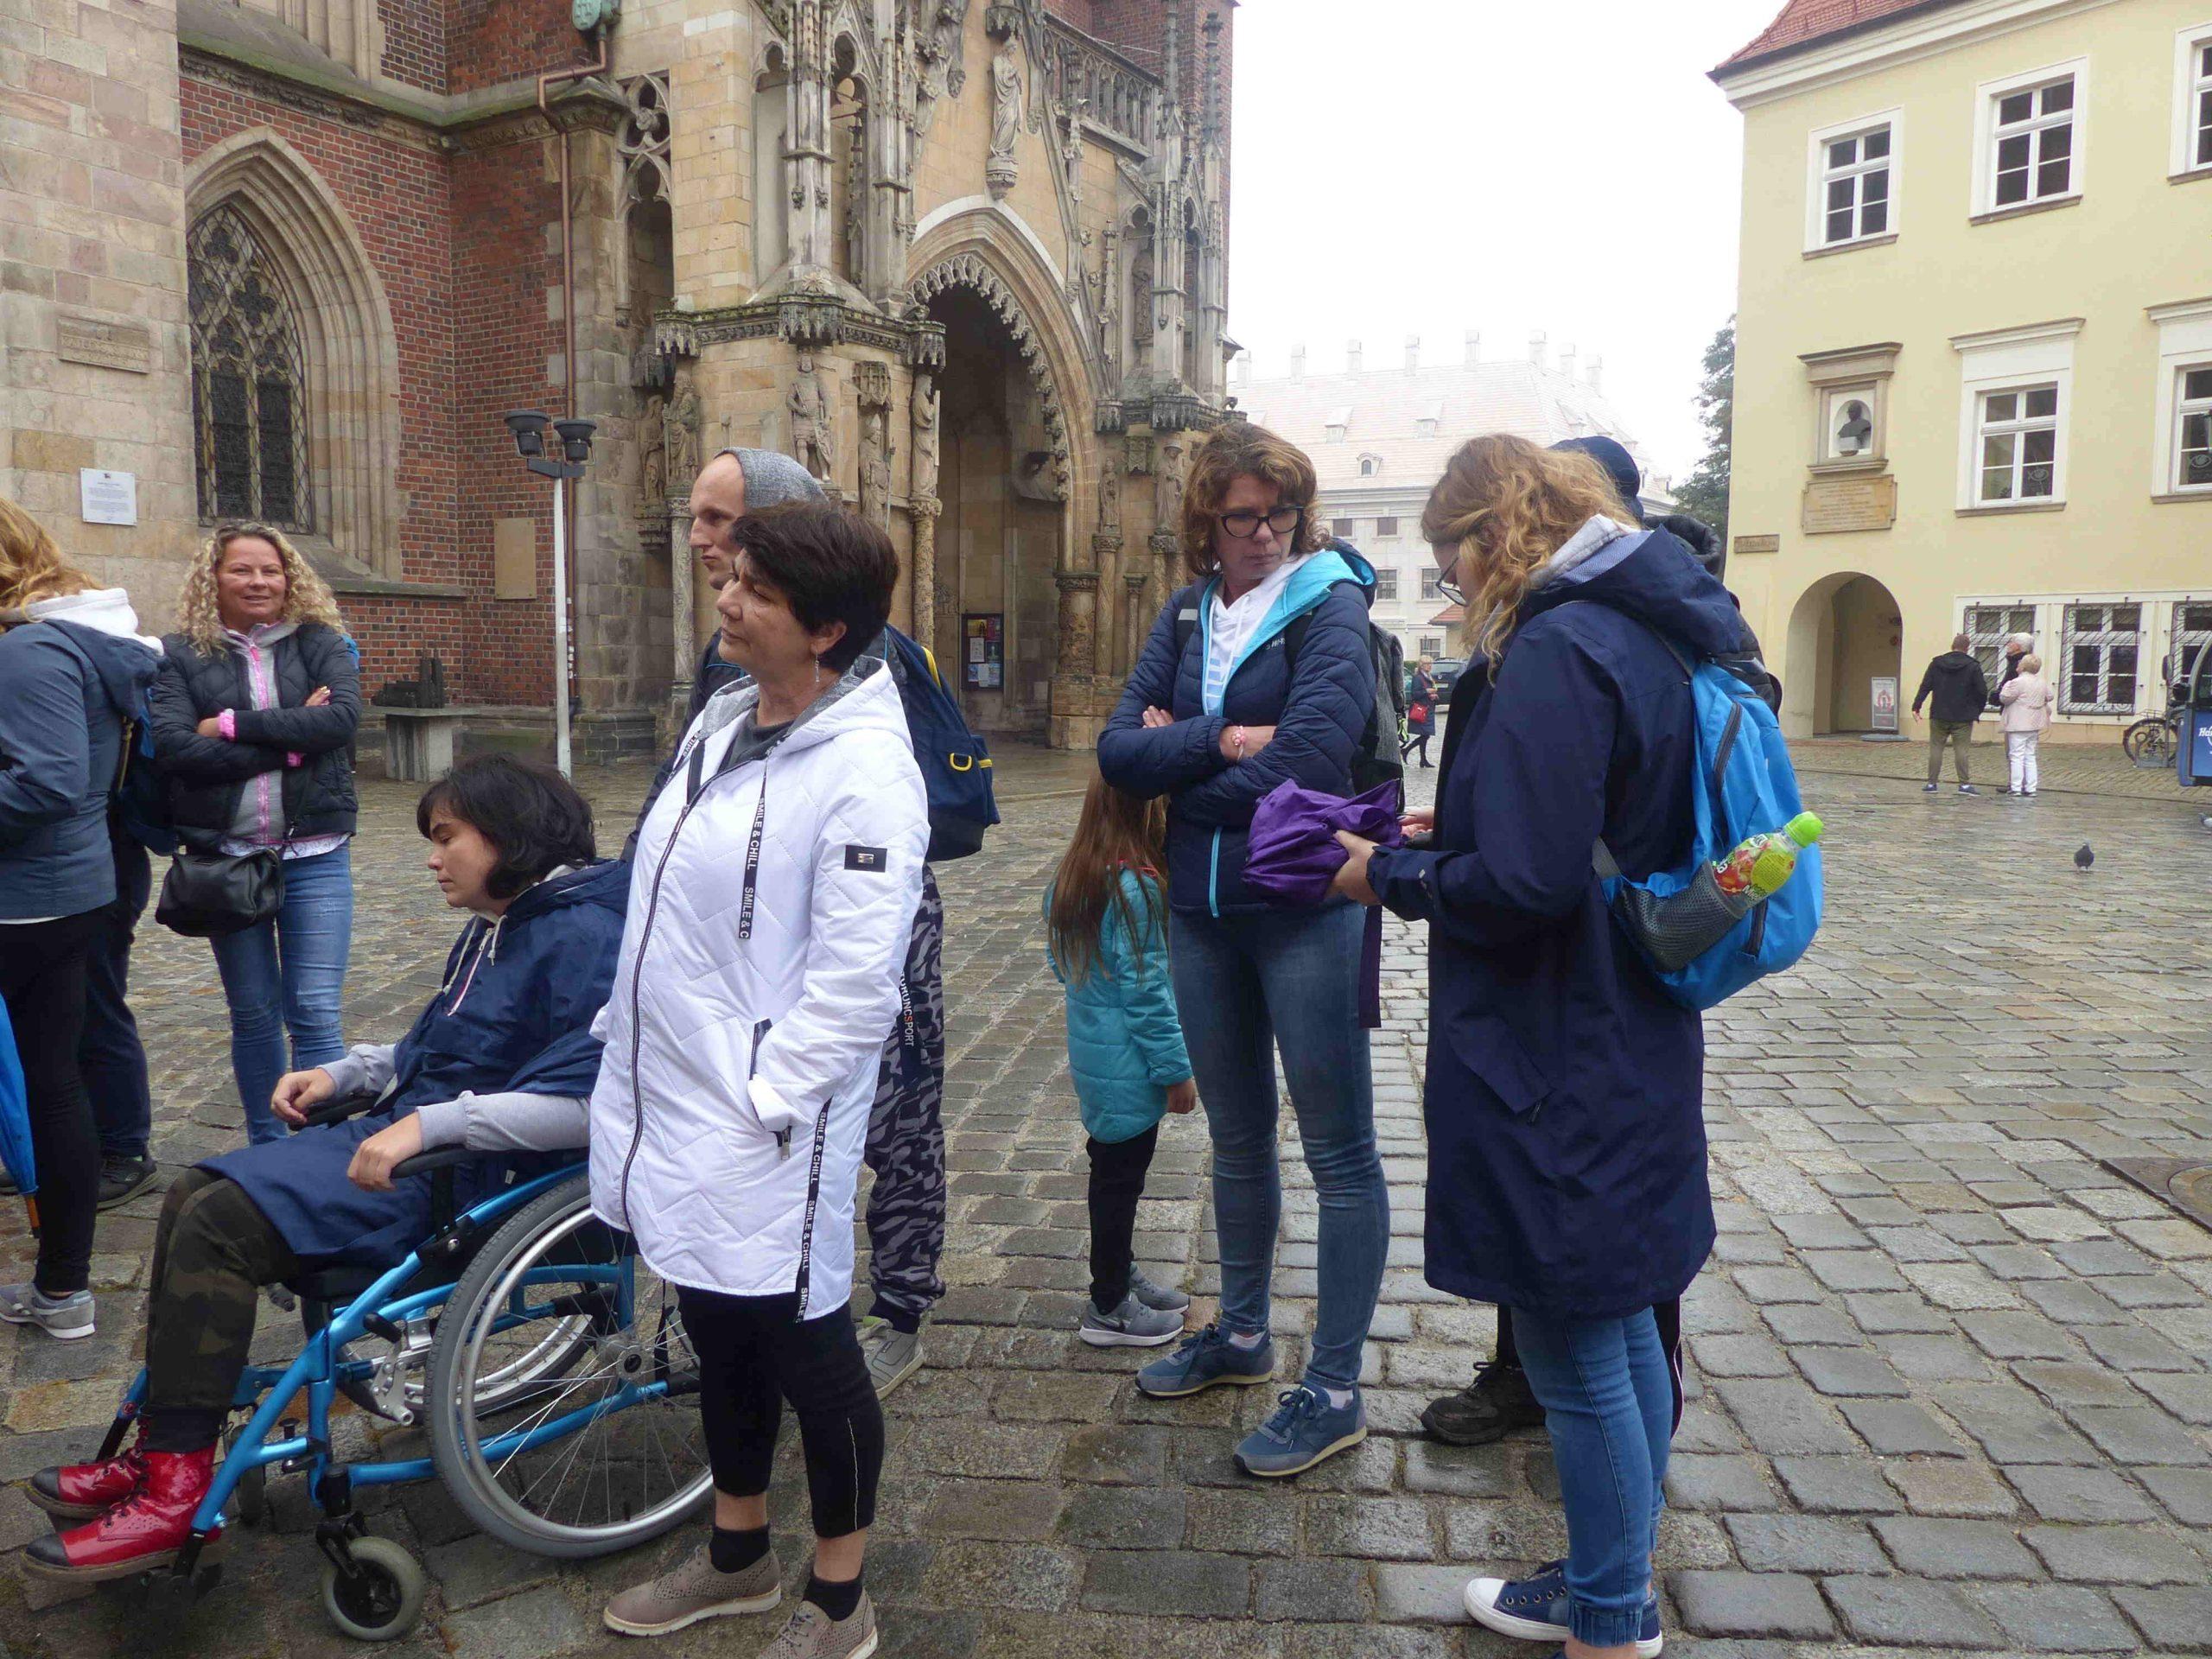 Wrocław sds 2